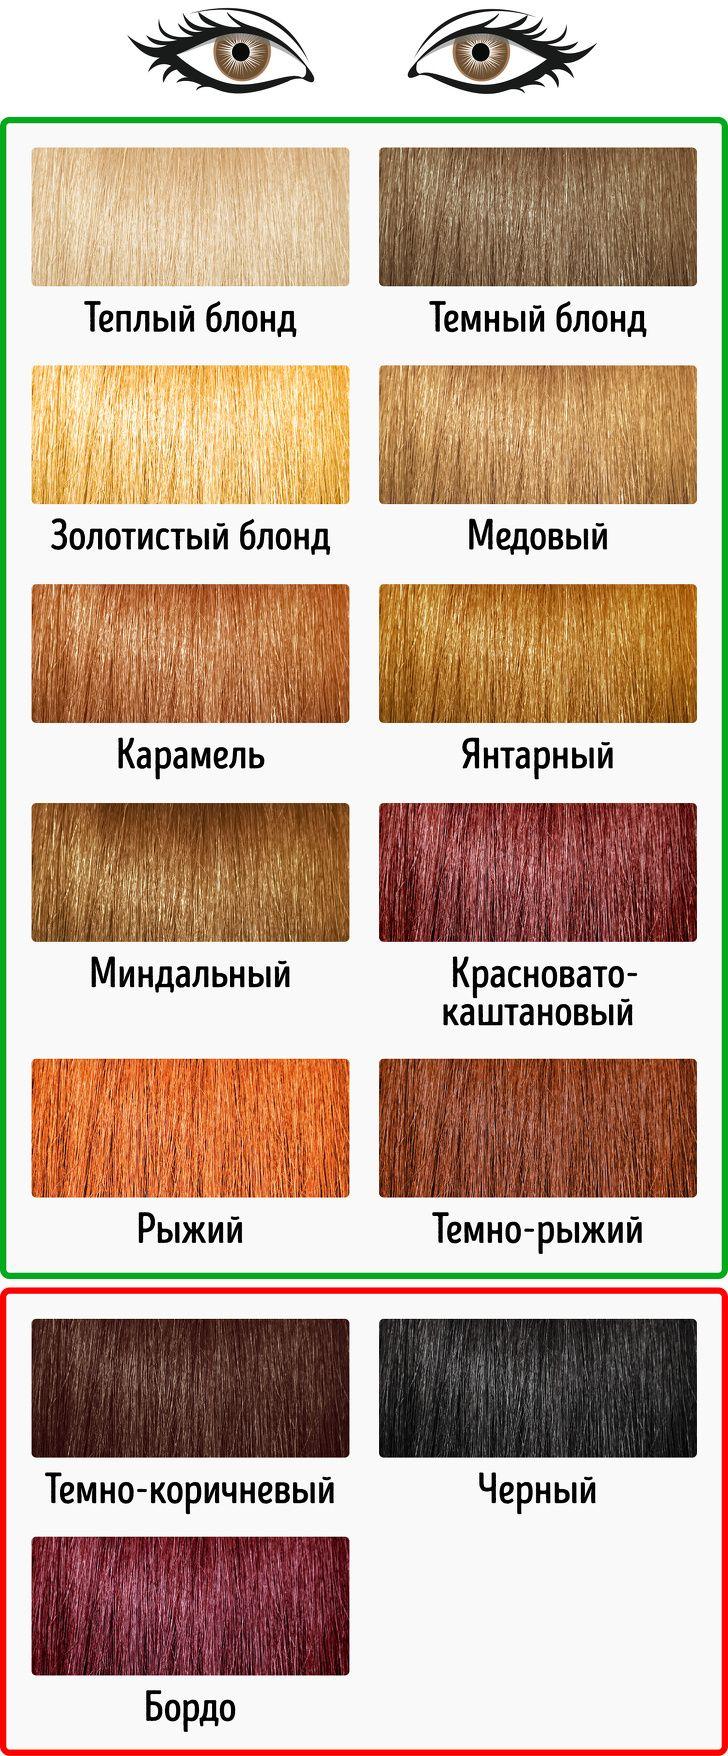 плиты это цвета волос названия и картинки объявлений свежие объявления